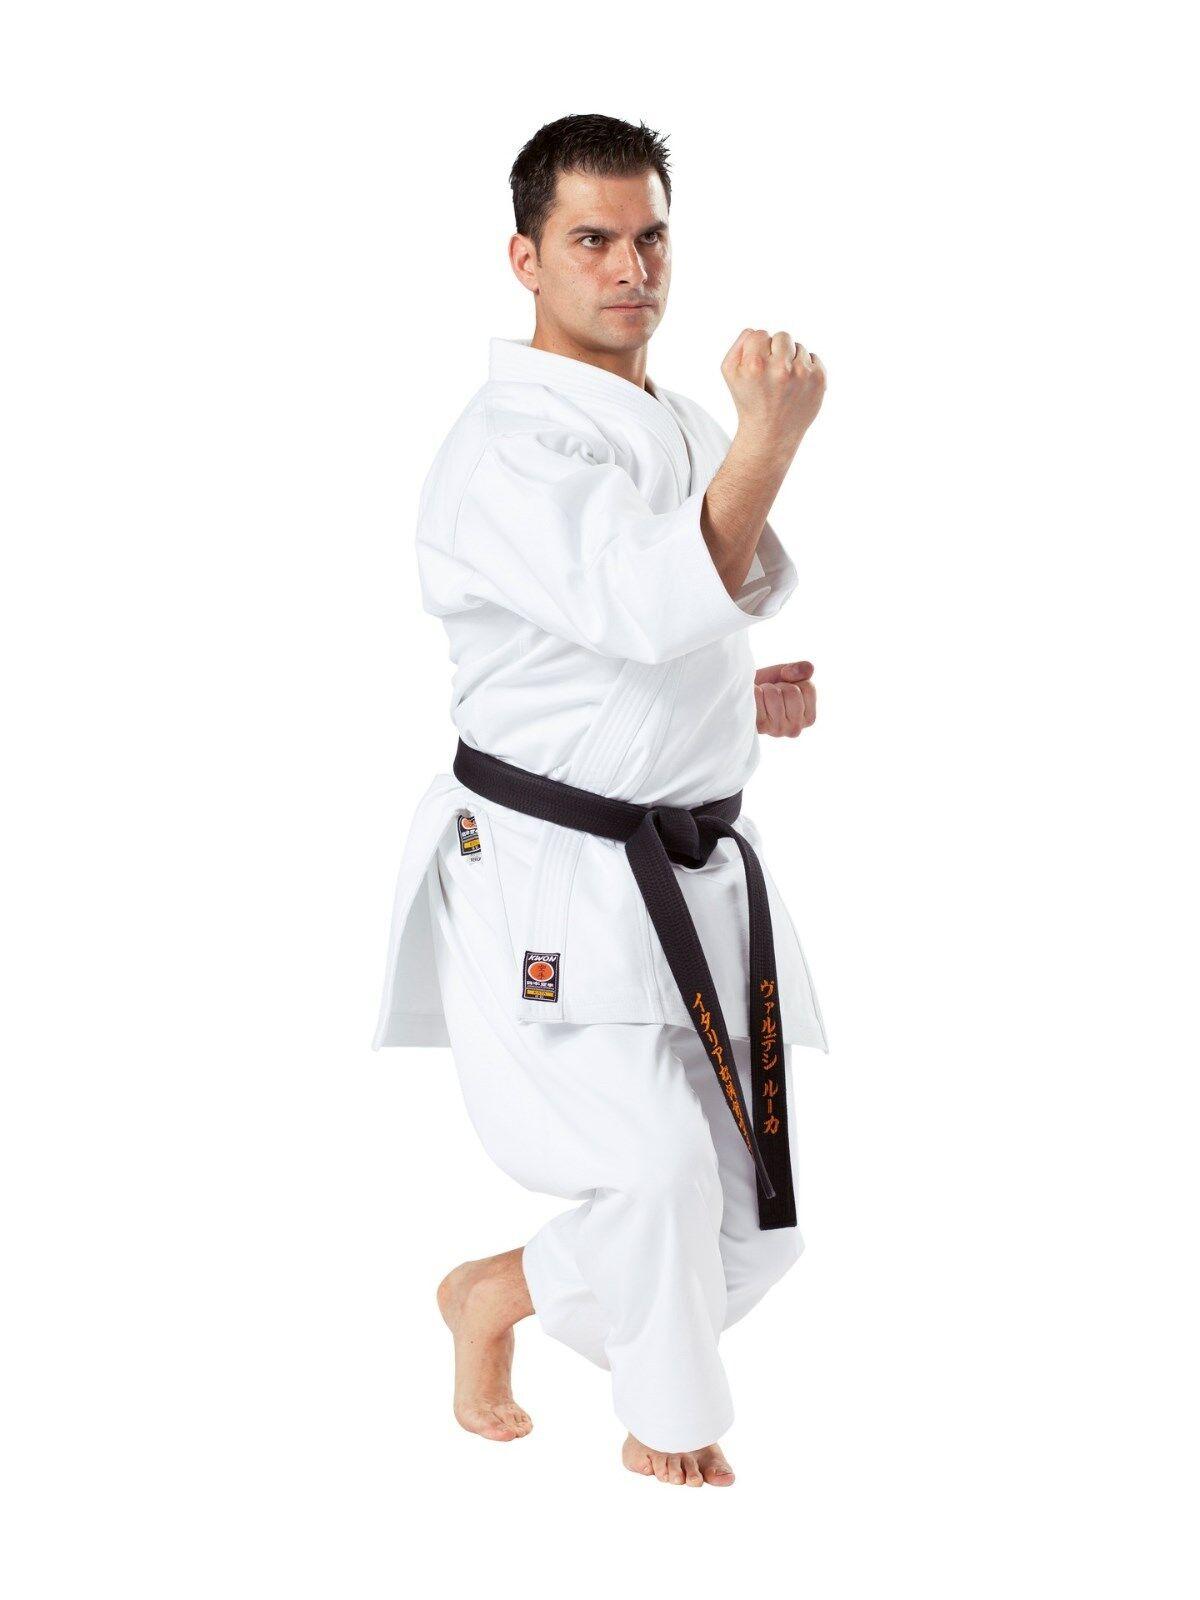 Karate Anzug Kata, 12Oz von Kwon. Kwon. Kwon. 100% Baumw. 180 oder 190cm. Karateanzug. fc902a